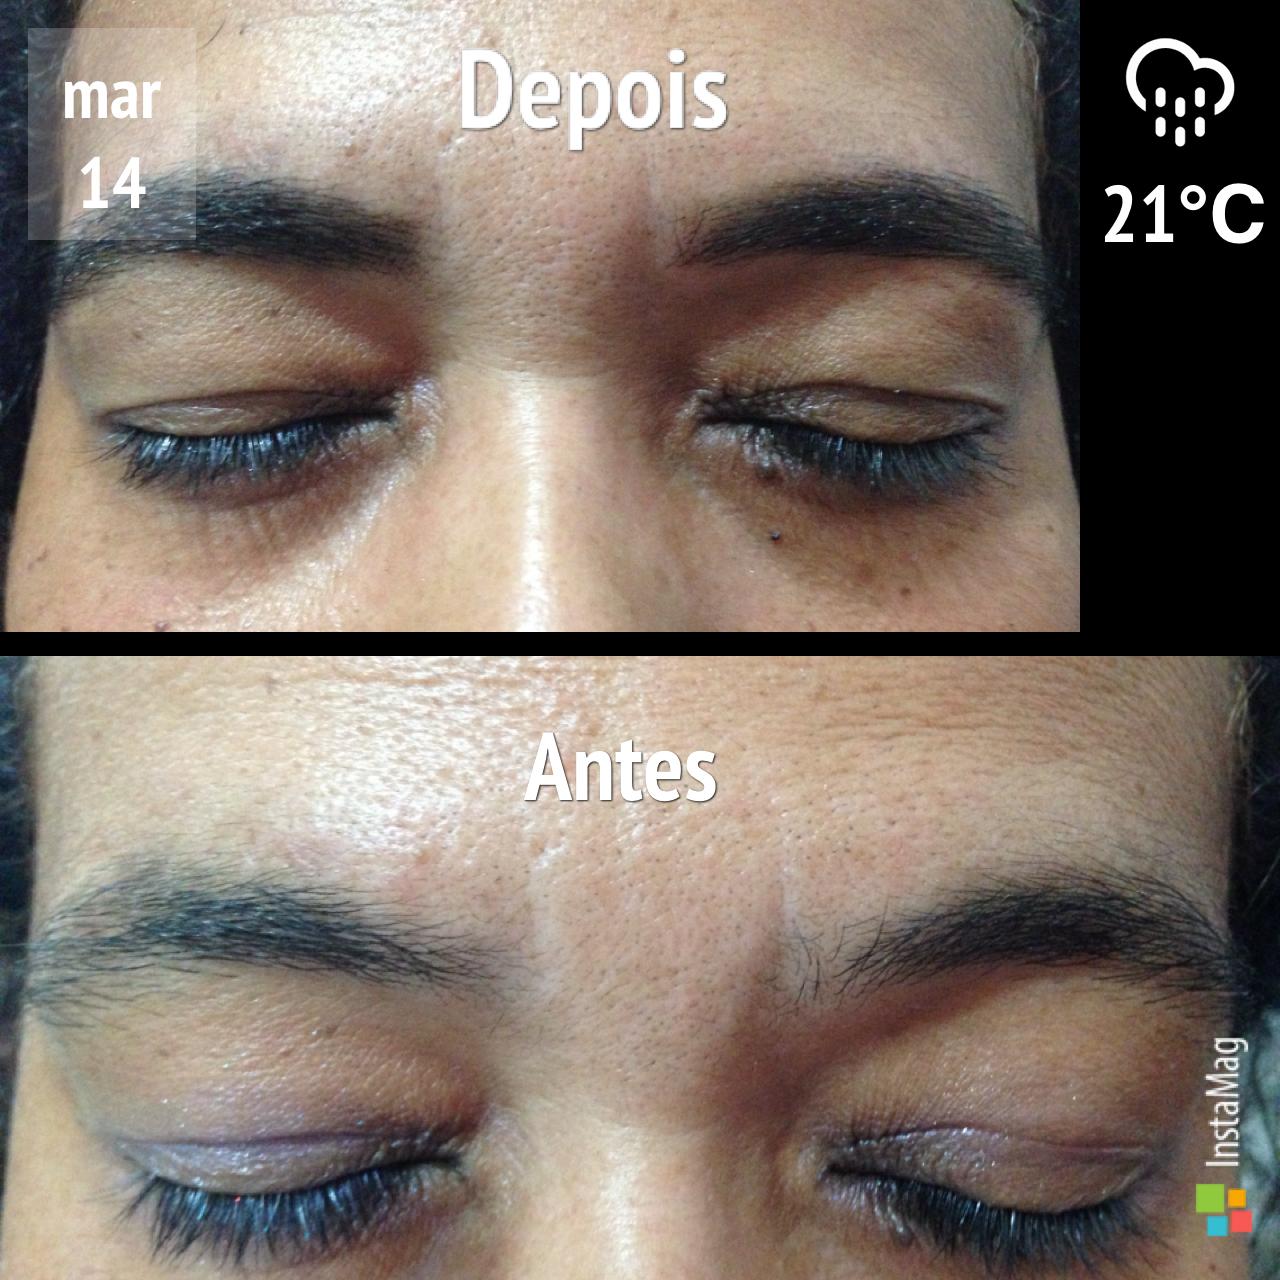 Design de sombrancelha + henna  estética designer de sobrancelhas depilador(a)